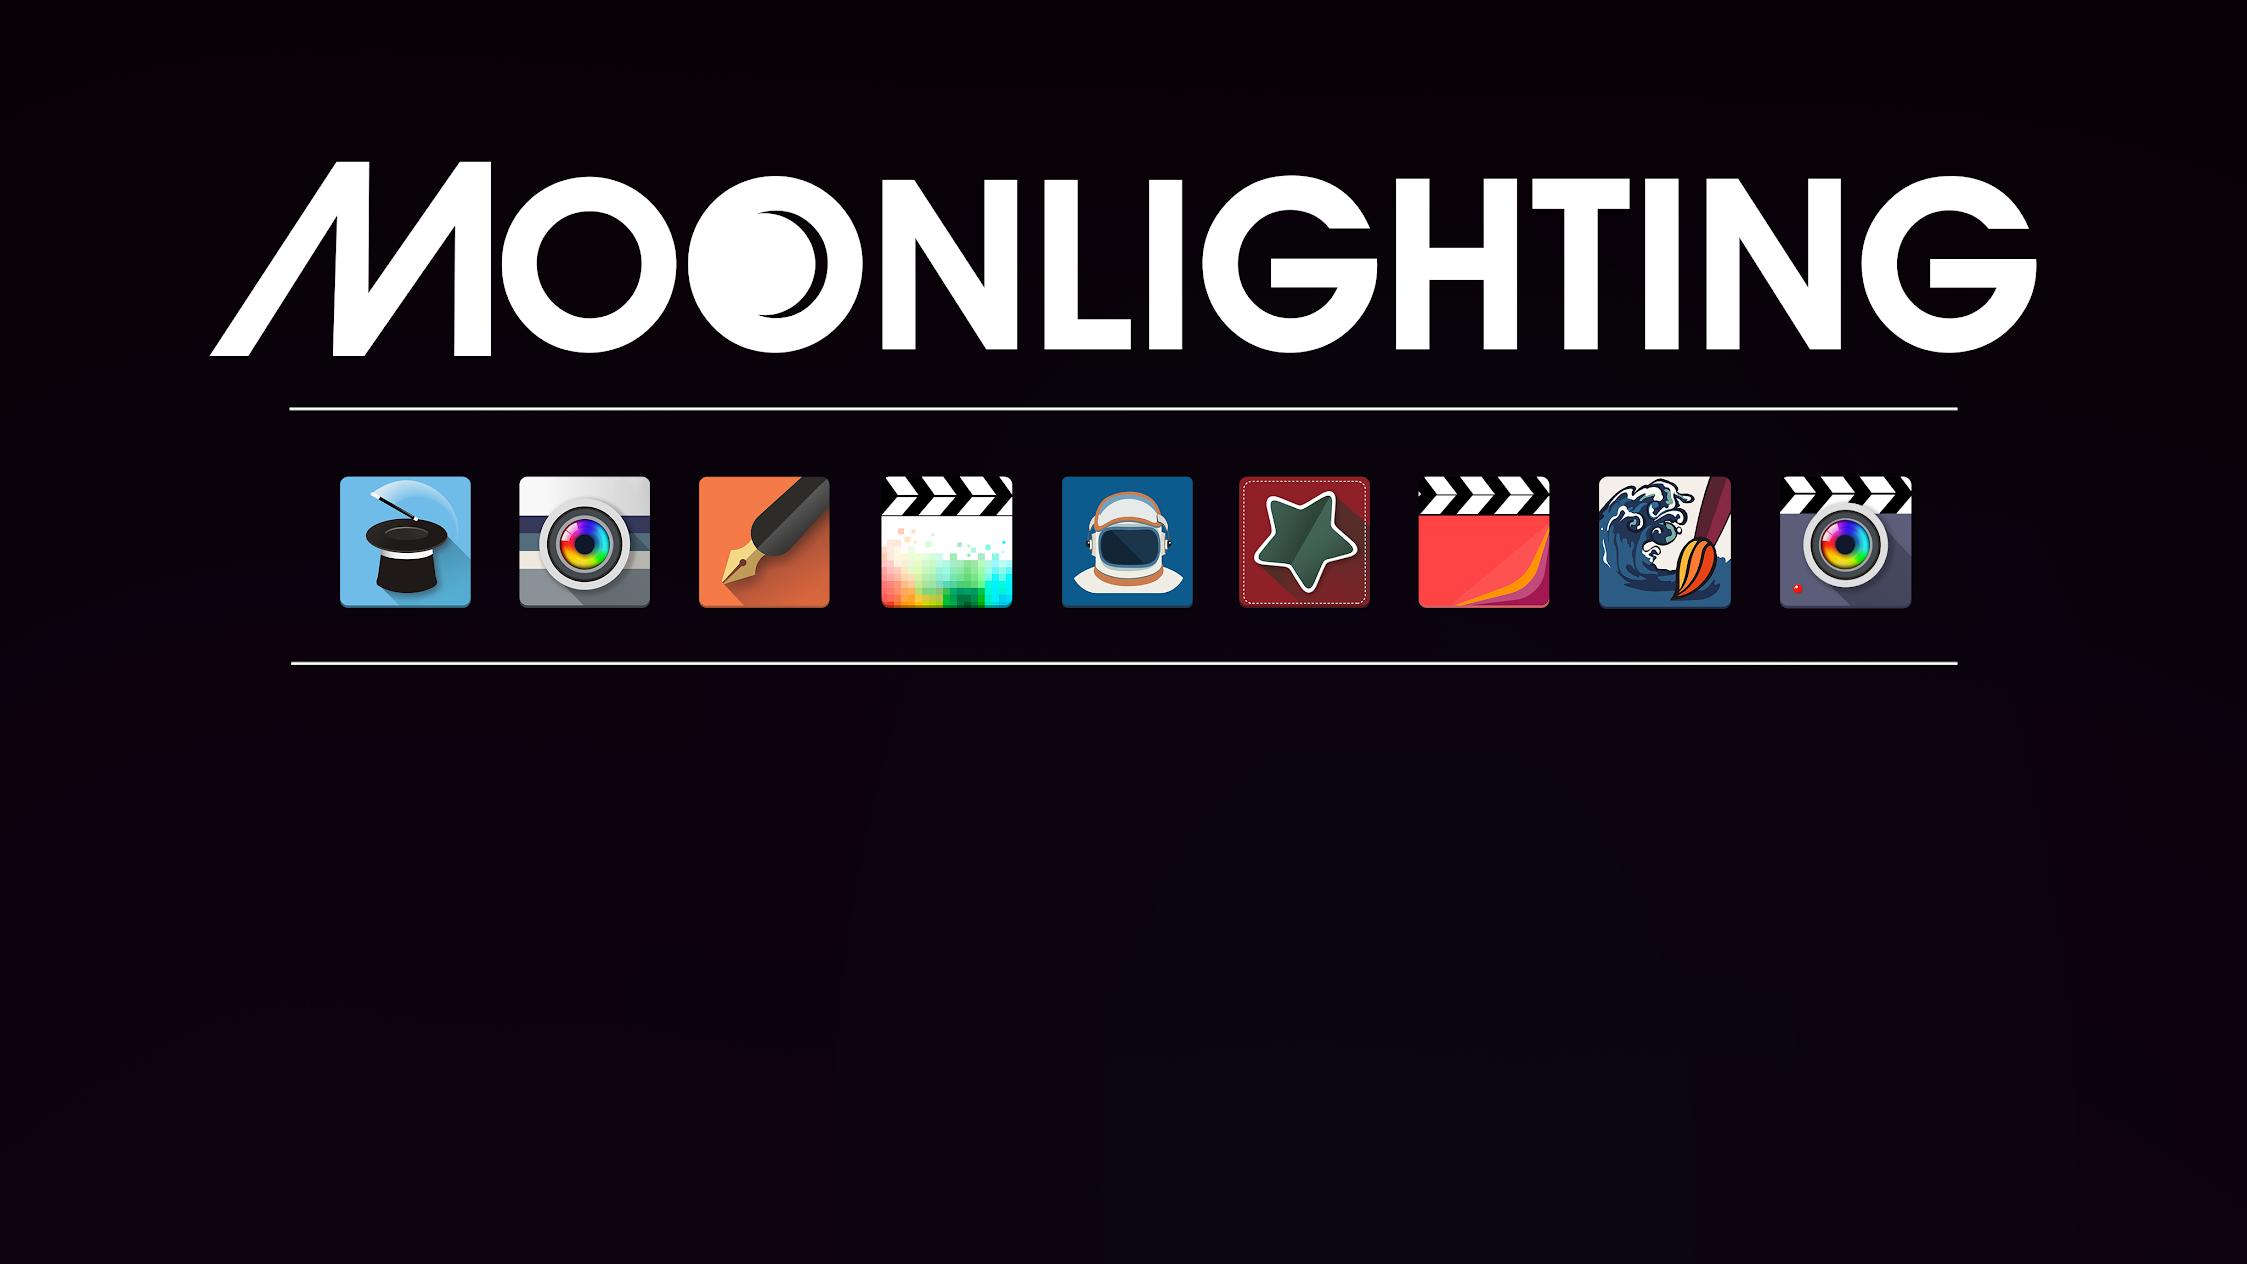 Moonlighting Apps, LLC